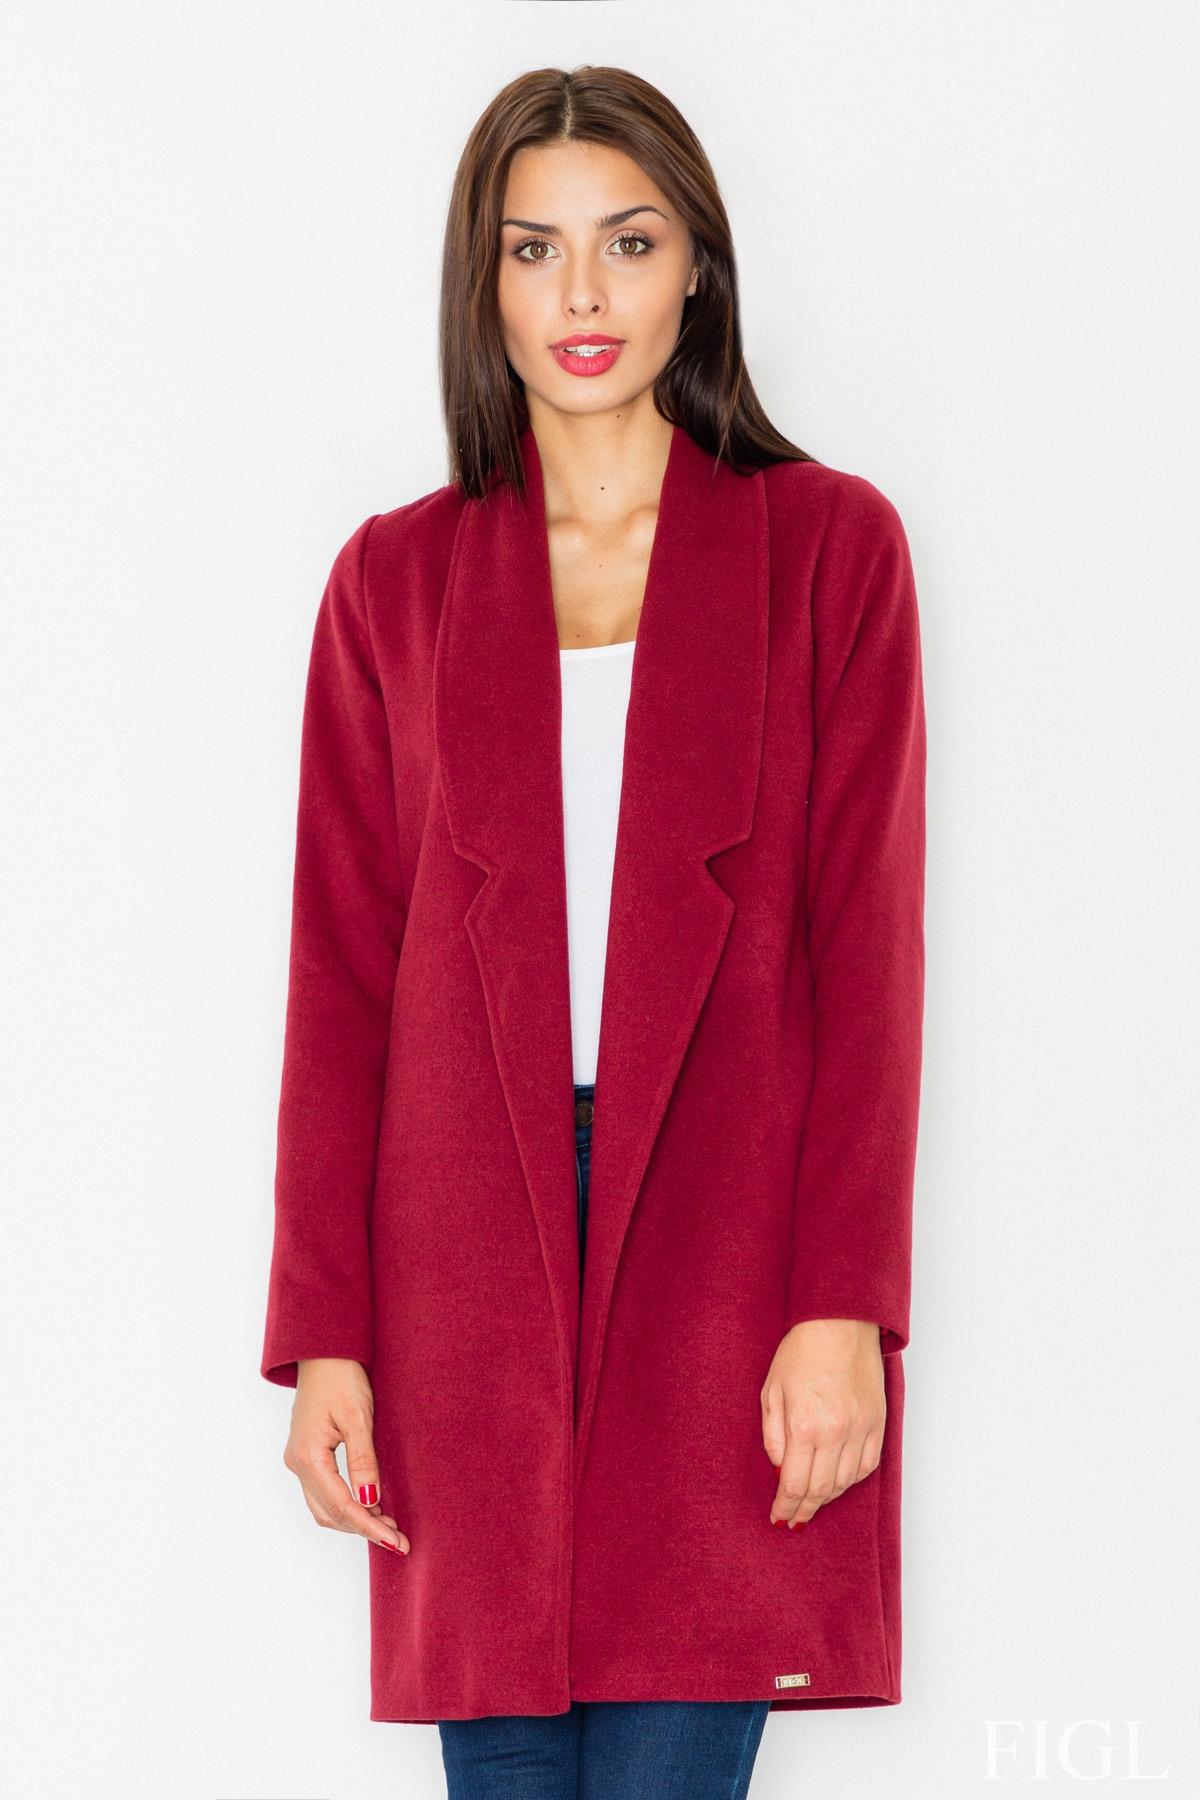 Krátký kabát FIGL, kratší zimní dámský kabát